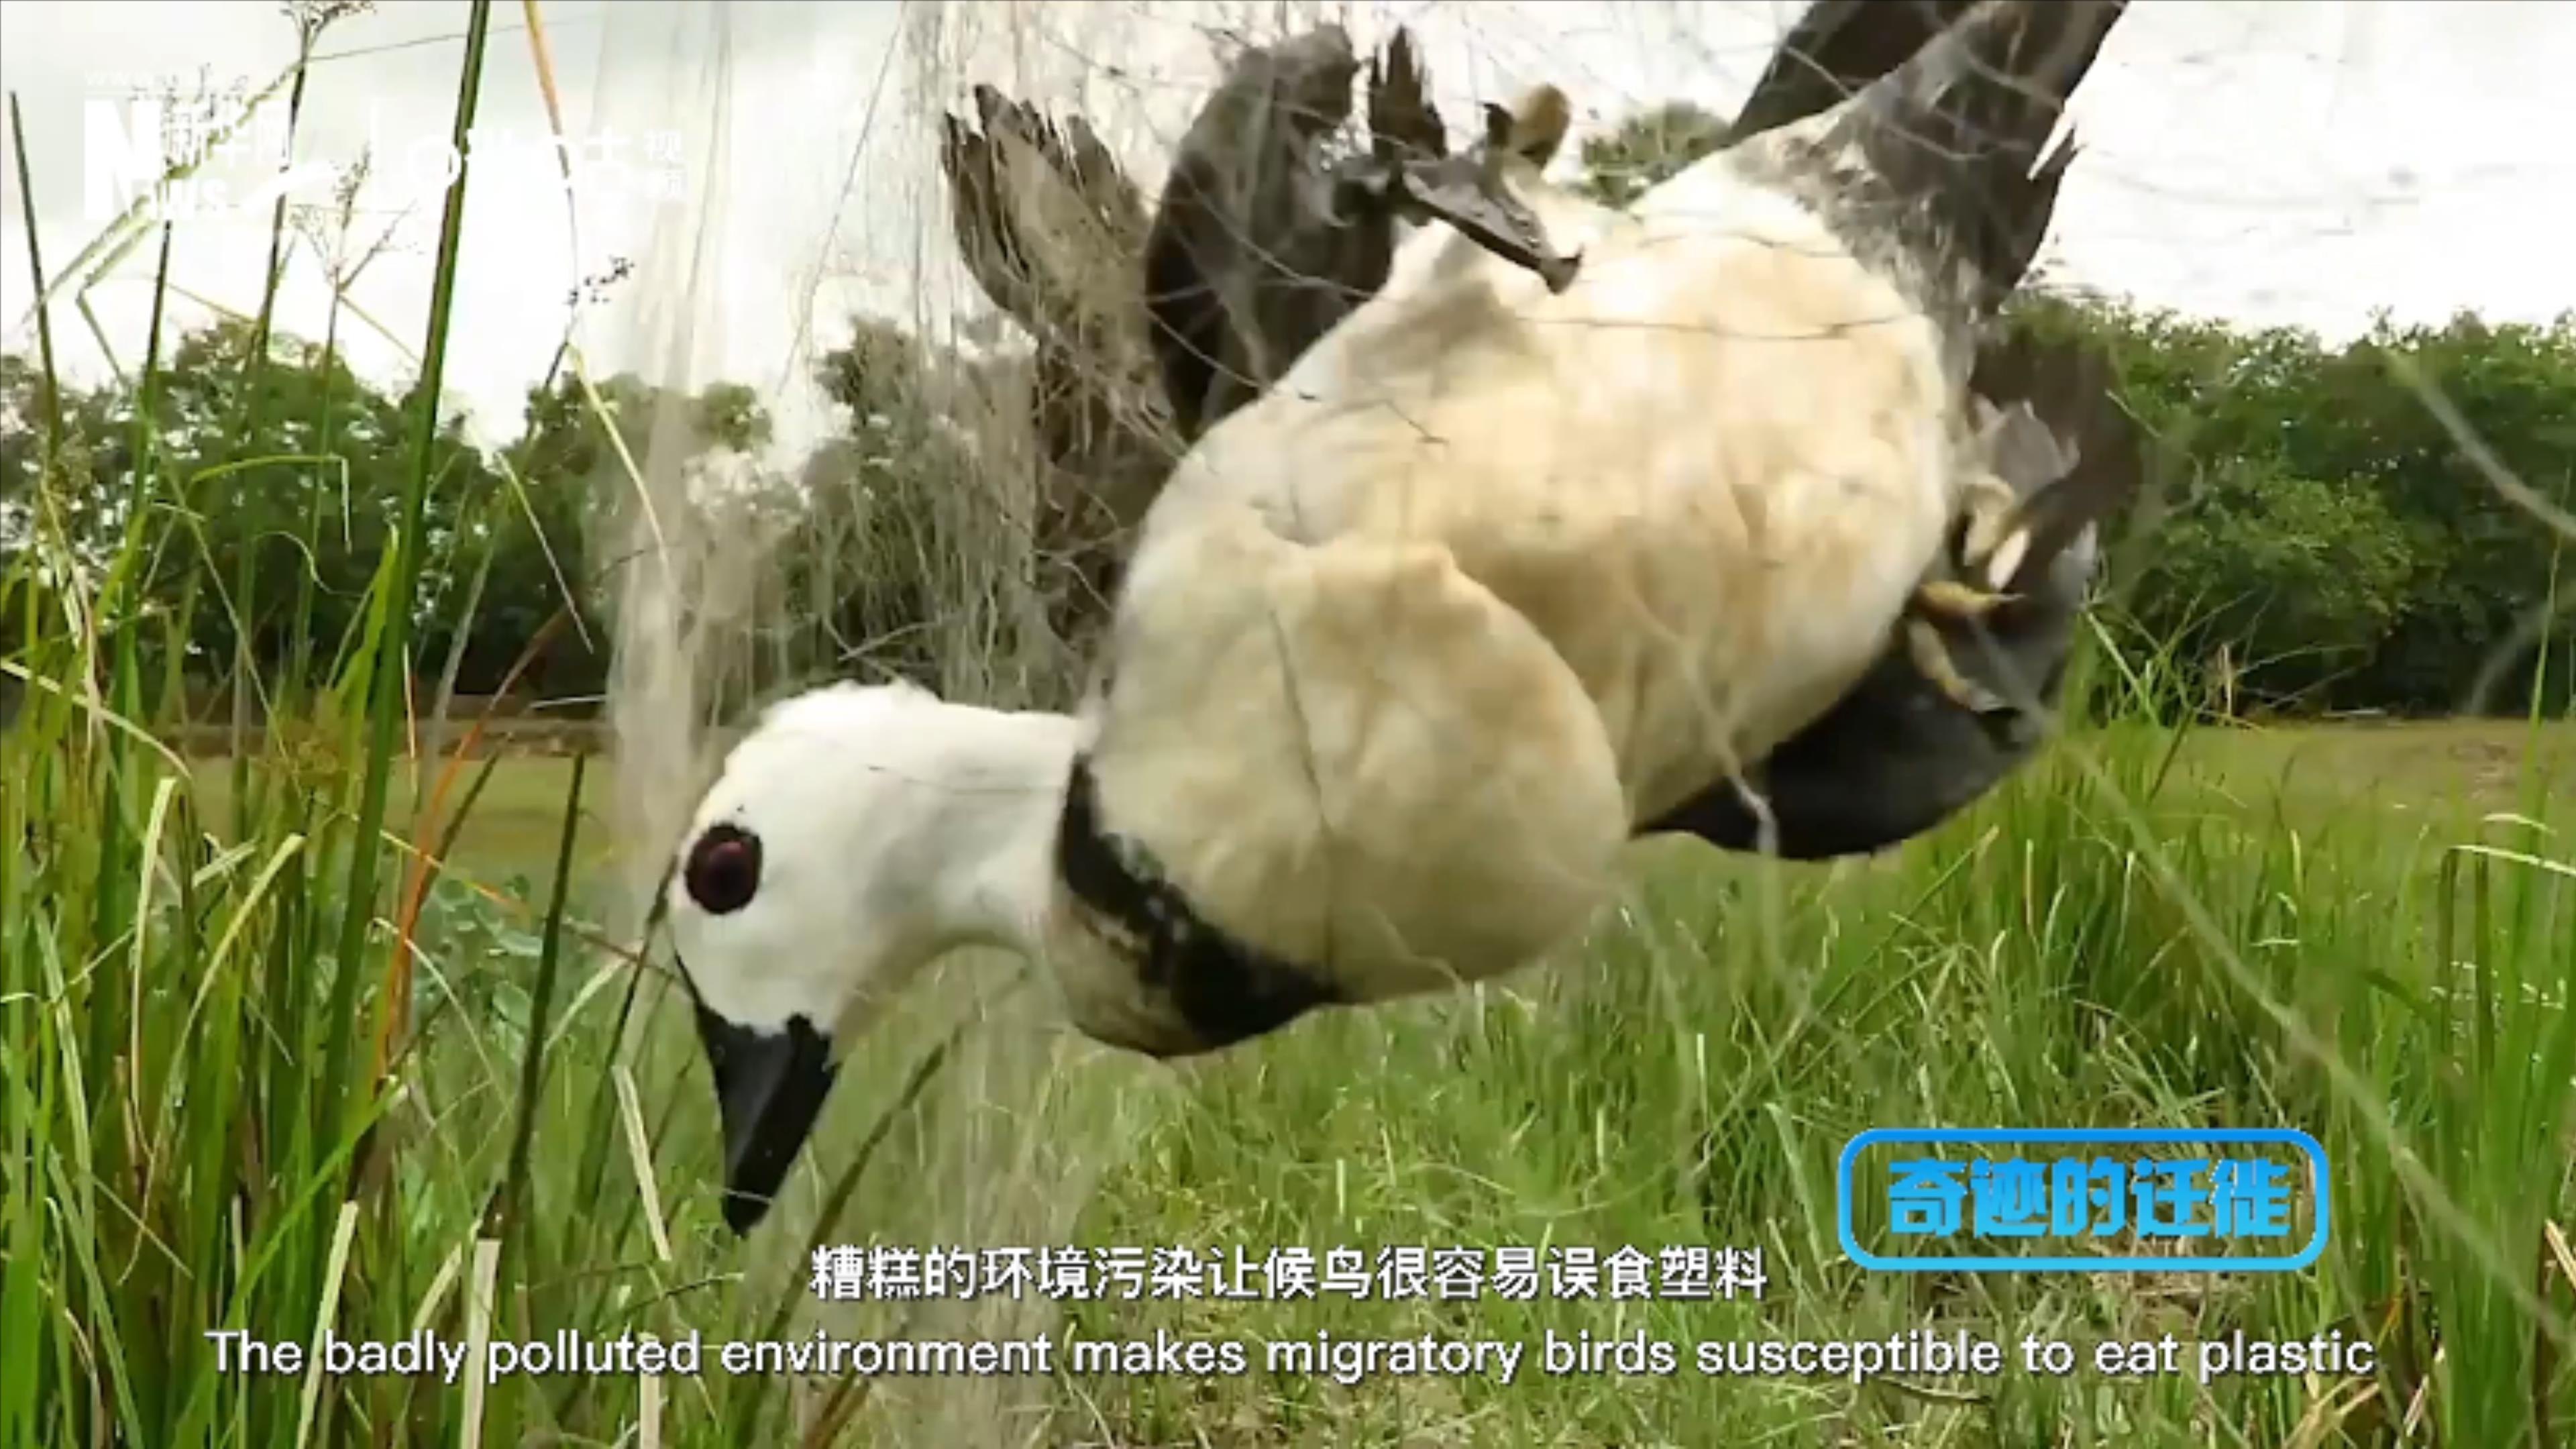 棲息地減少、環境污染、捕殺正威脅著候鳥的生存